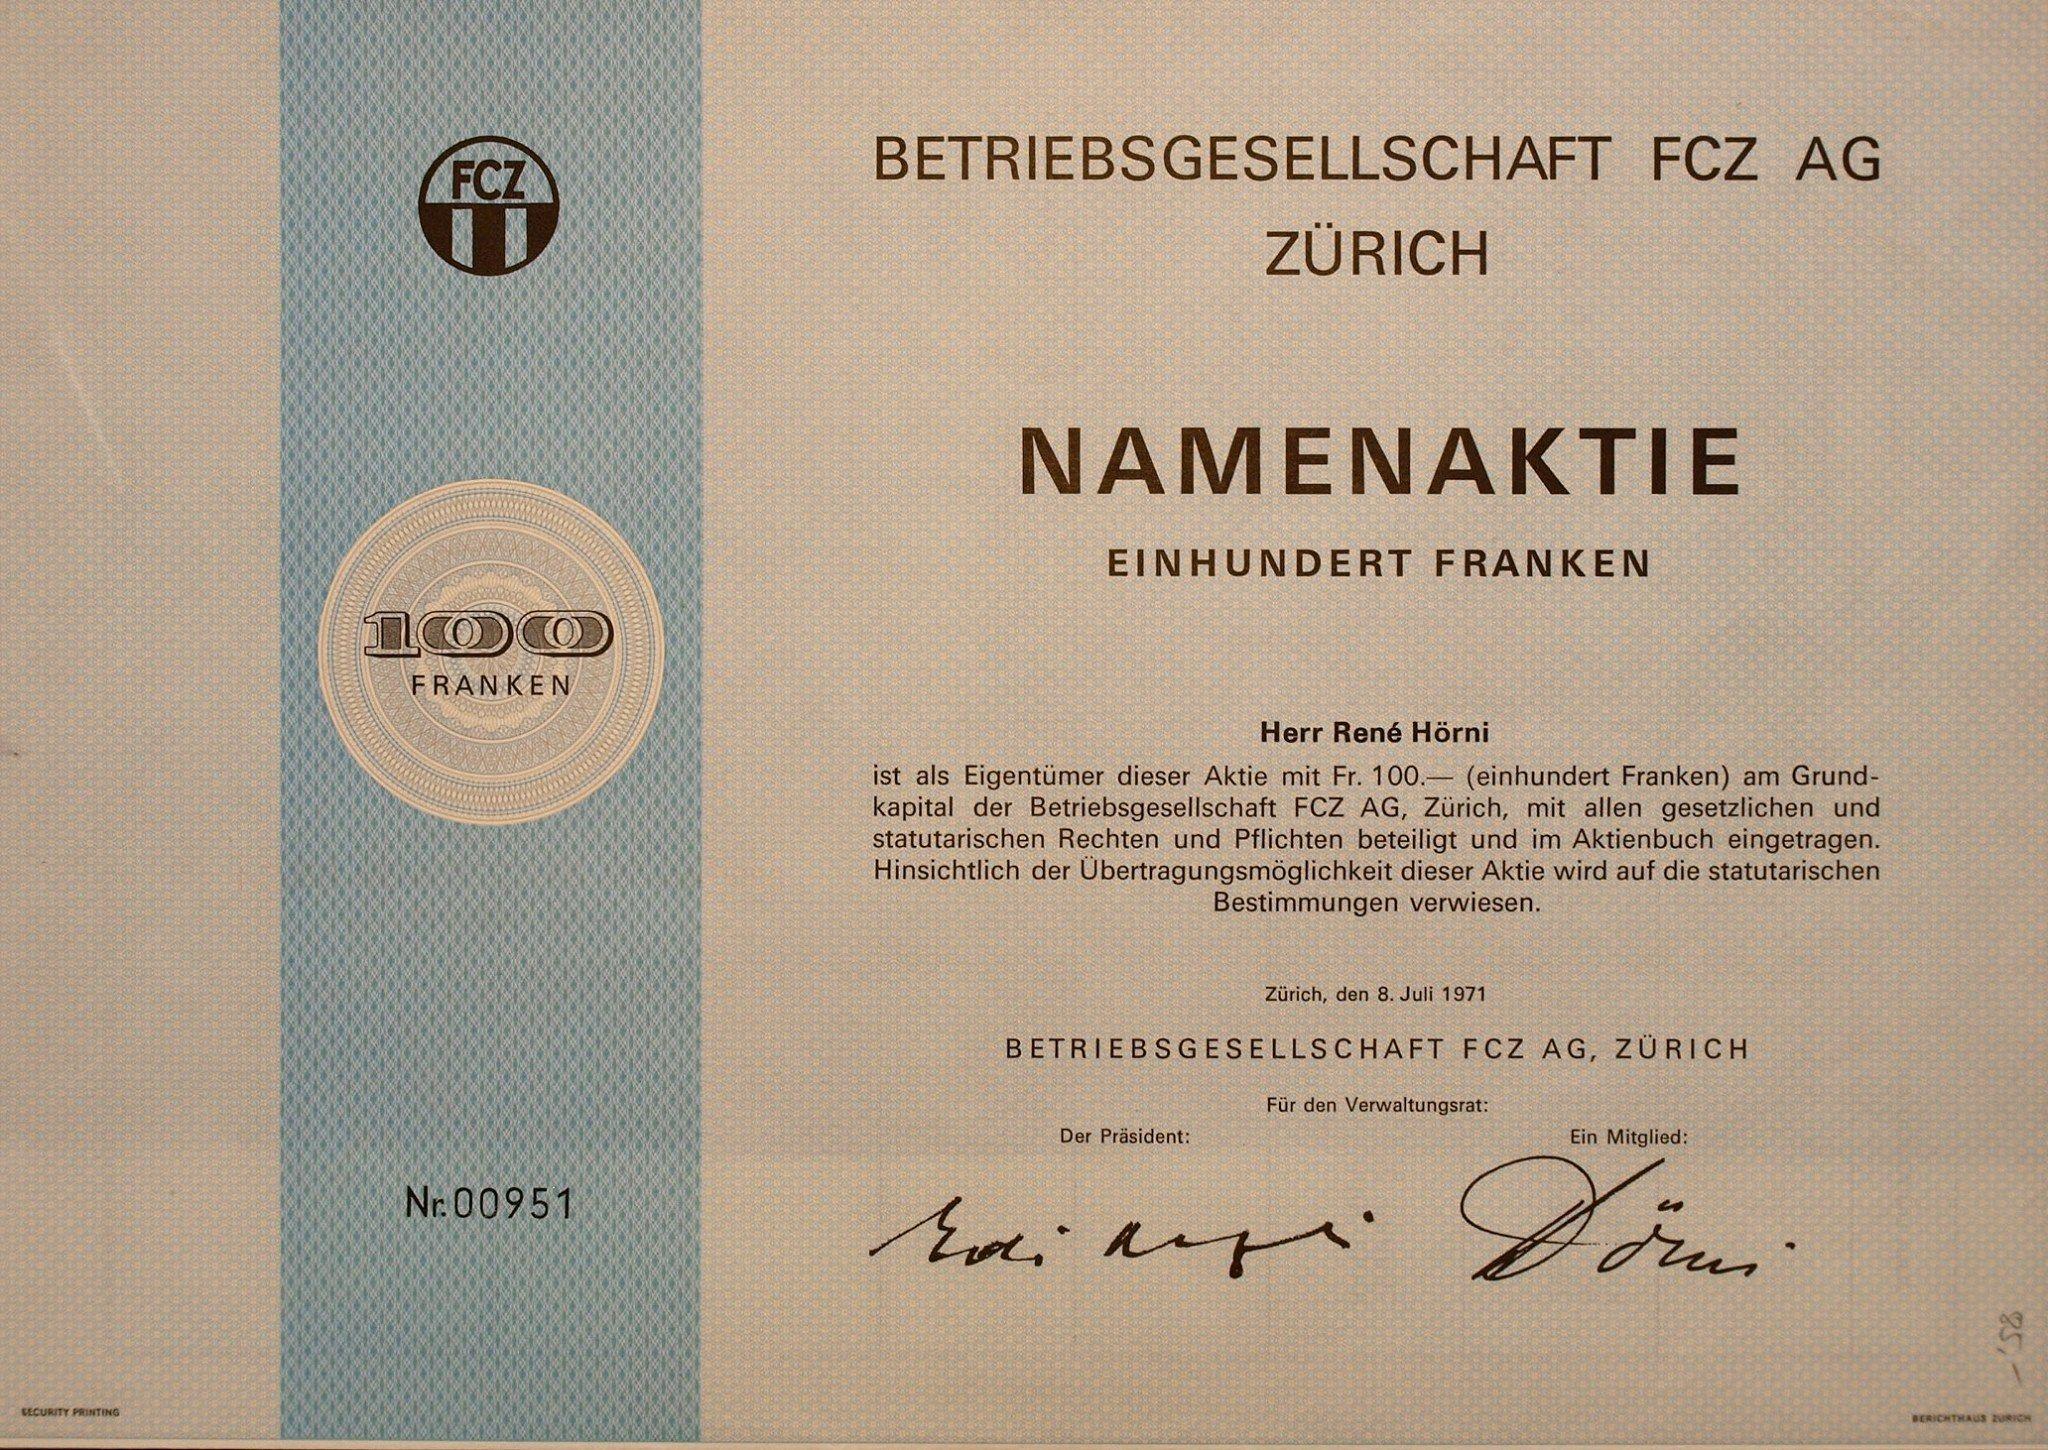 Betriebsgesellschaft Fcz Ag Zurich Namenaktie 100 Chf 1971 Quelle Scripophila Helvetica Facebook Bond Person Personalized Items